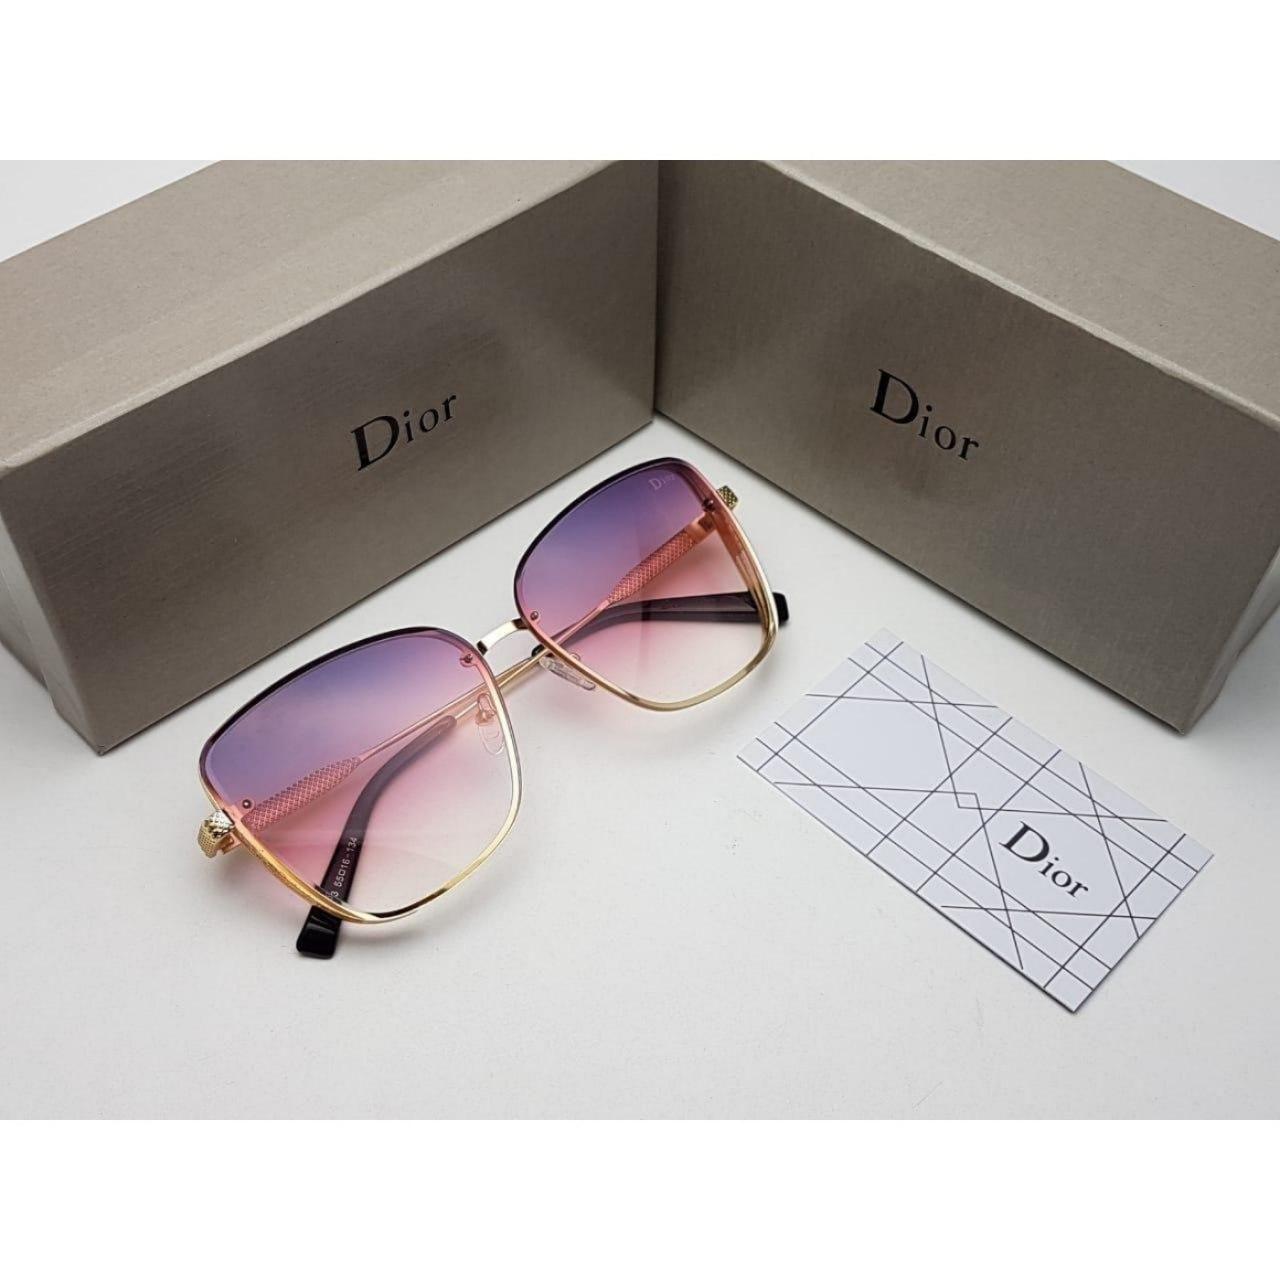 نظارات ديور نسائيه Dior بدرجه اولى مع كامل ملحقاتها و بنفس الاسم هدايا هنوف Sunglasses Glasses Oval Sunglass